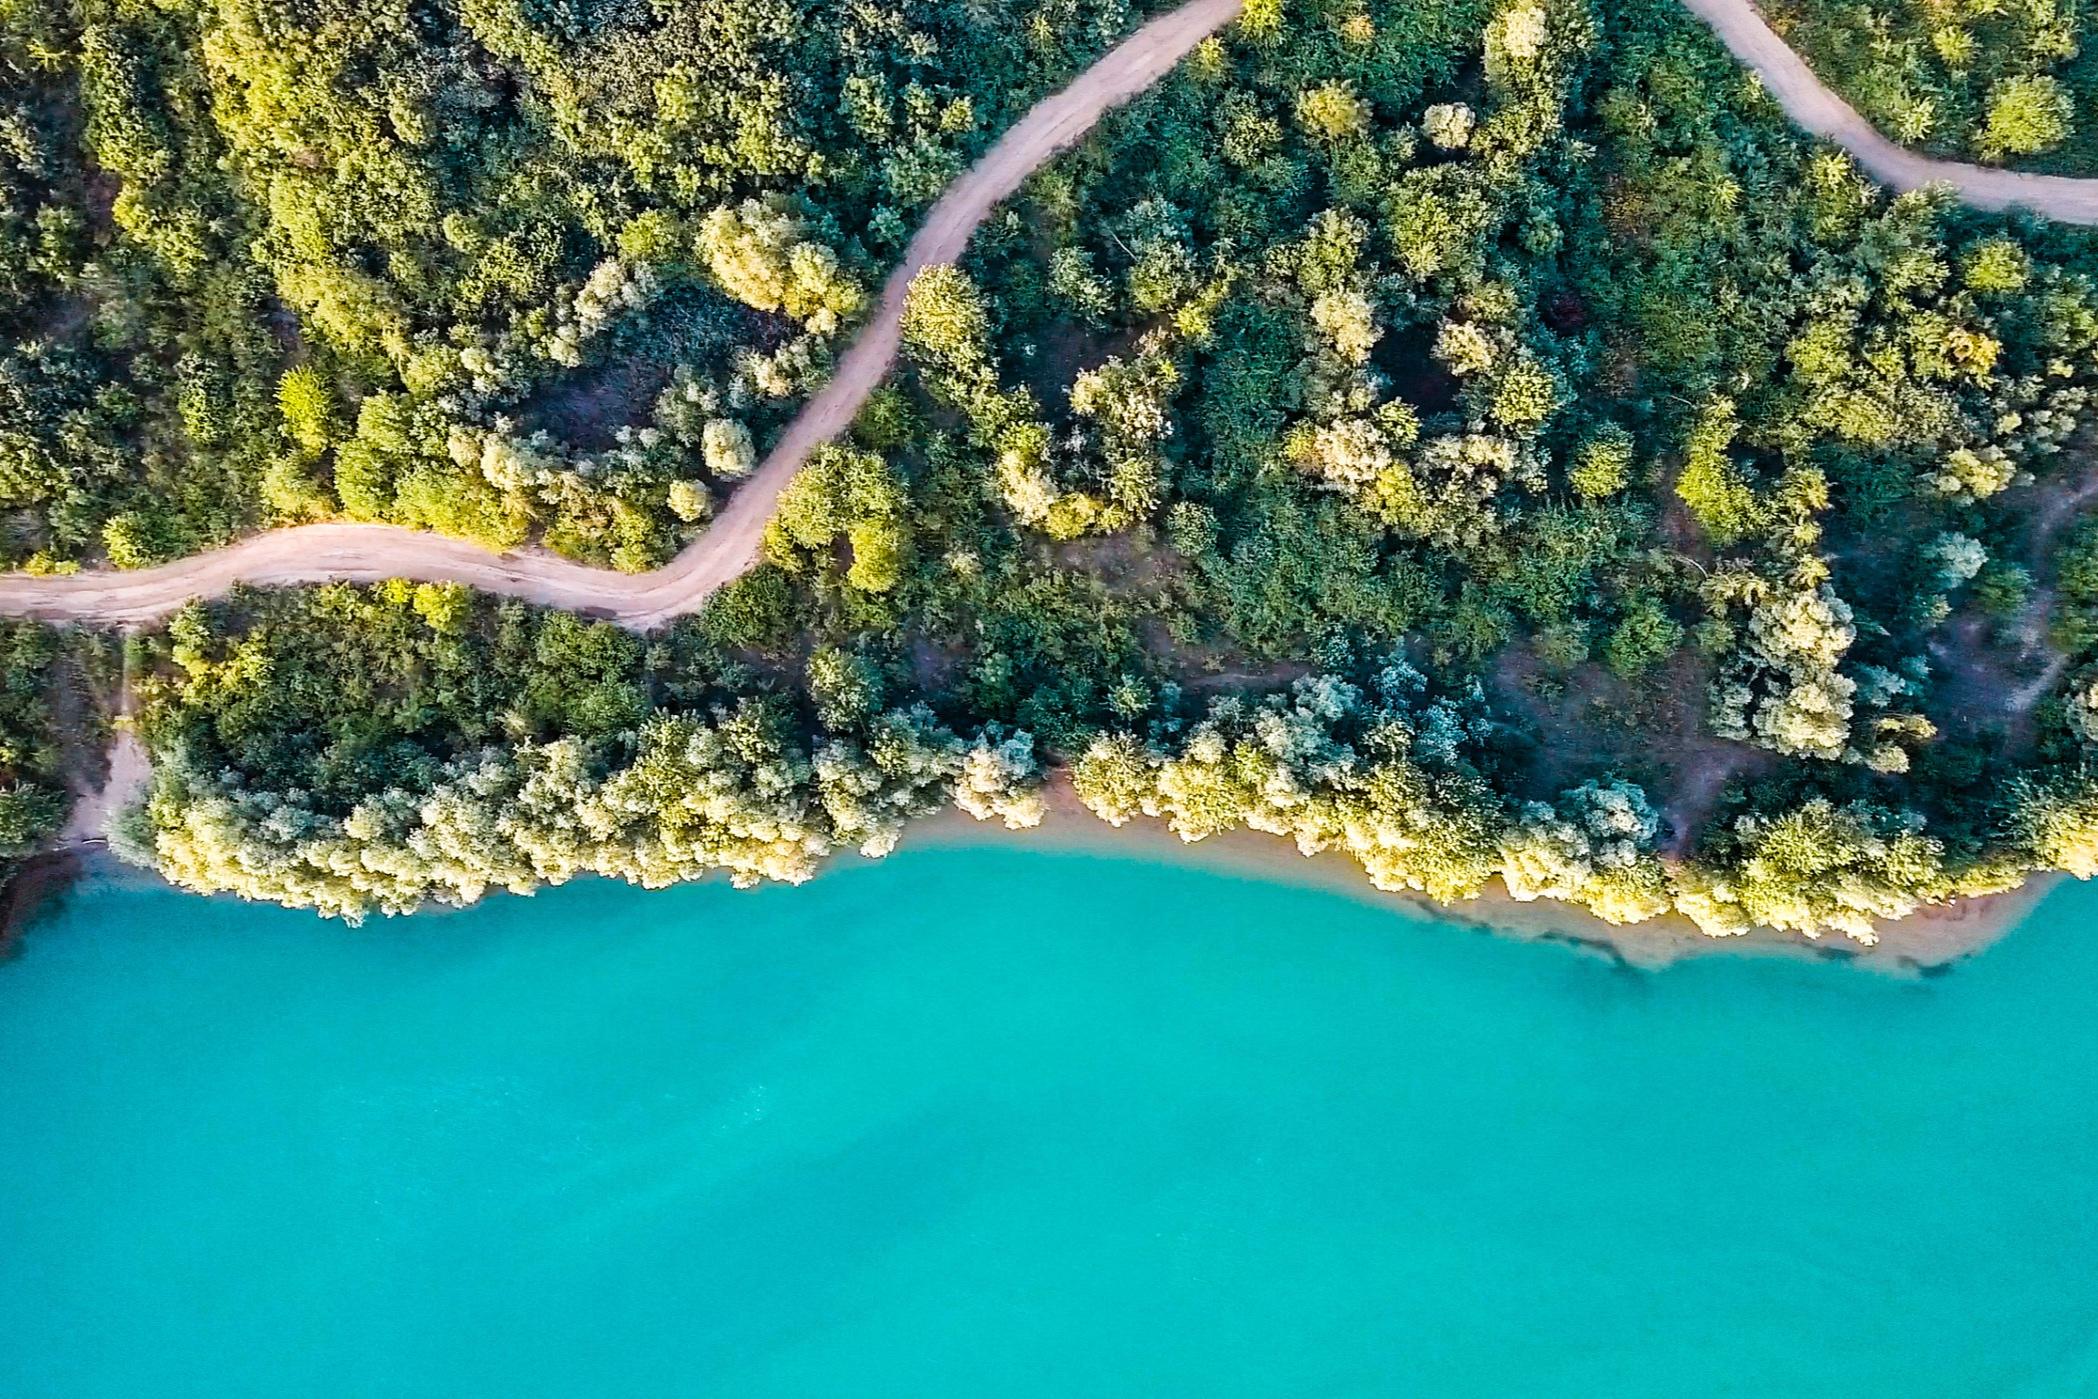 Wasserpark Dormagen - was ist das? - Im Grunde der Straberger See. Ab 2020 werden jedoch alle Angebote rund um den Straberger See (Wakebeach, Strabeach, Segelverein etc.) offiziell als'Wasserpark Dormagen' zusammengefasst. Die Location für das Strabi bleibt aber auch 2020 das Strandbad 'Strabeach'.